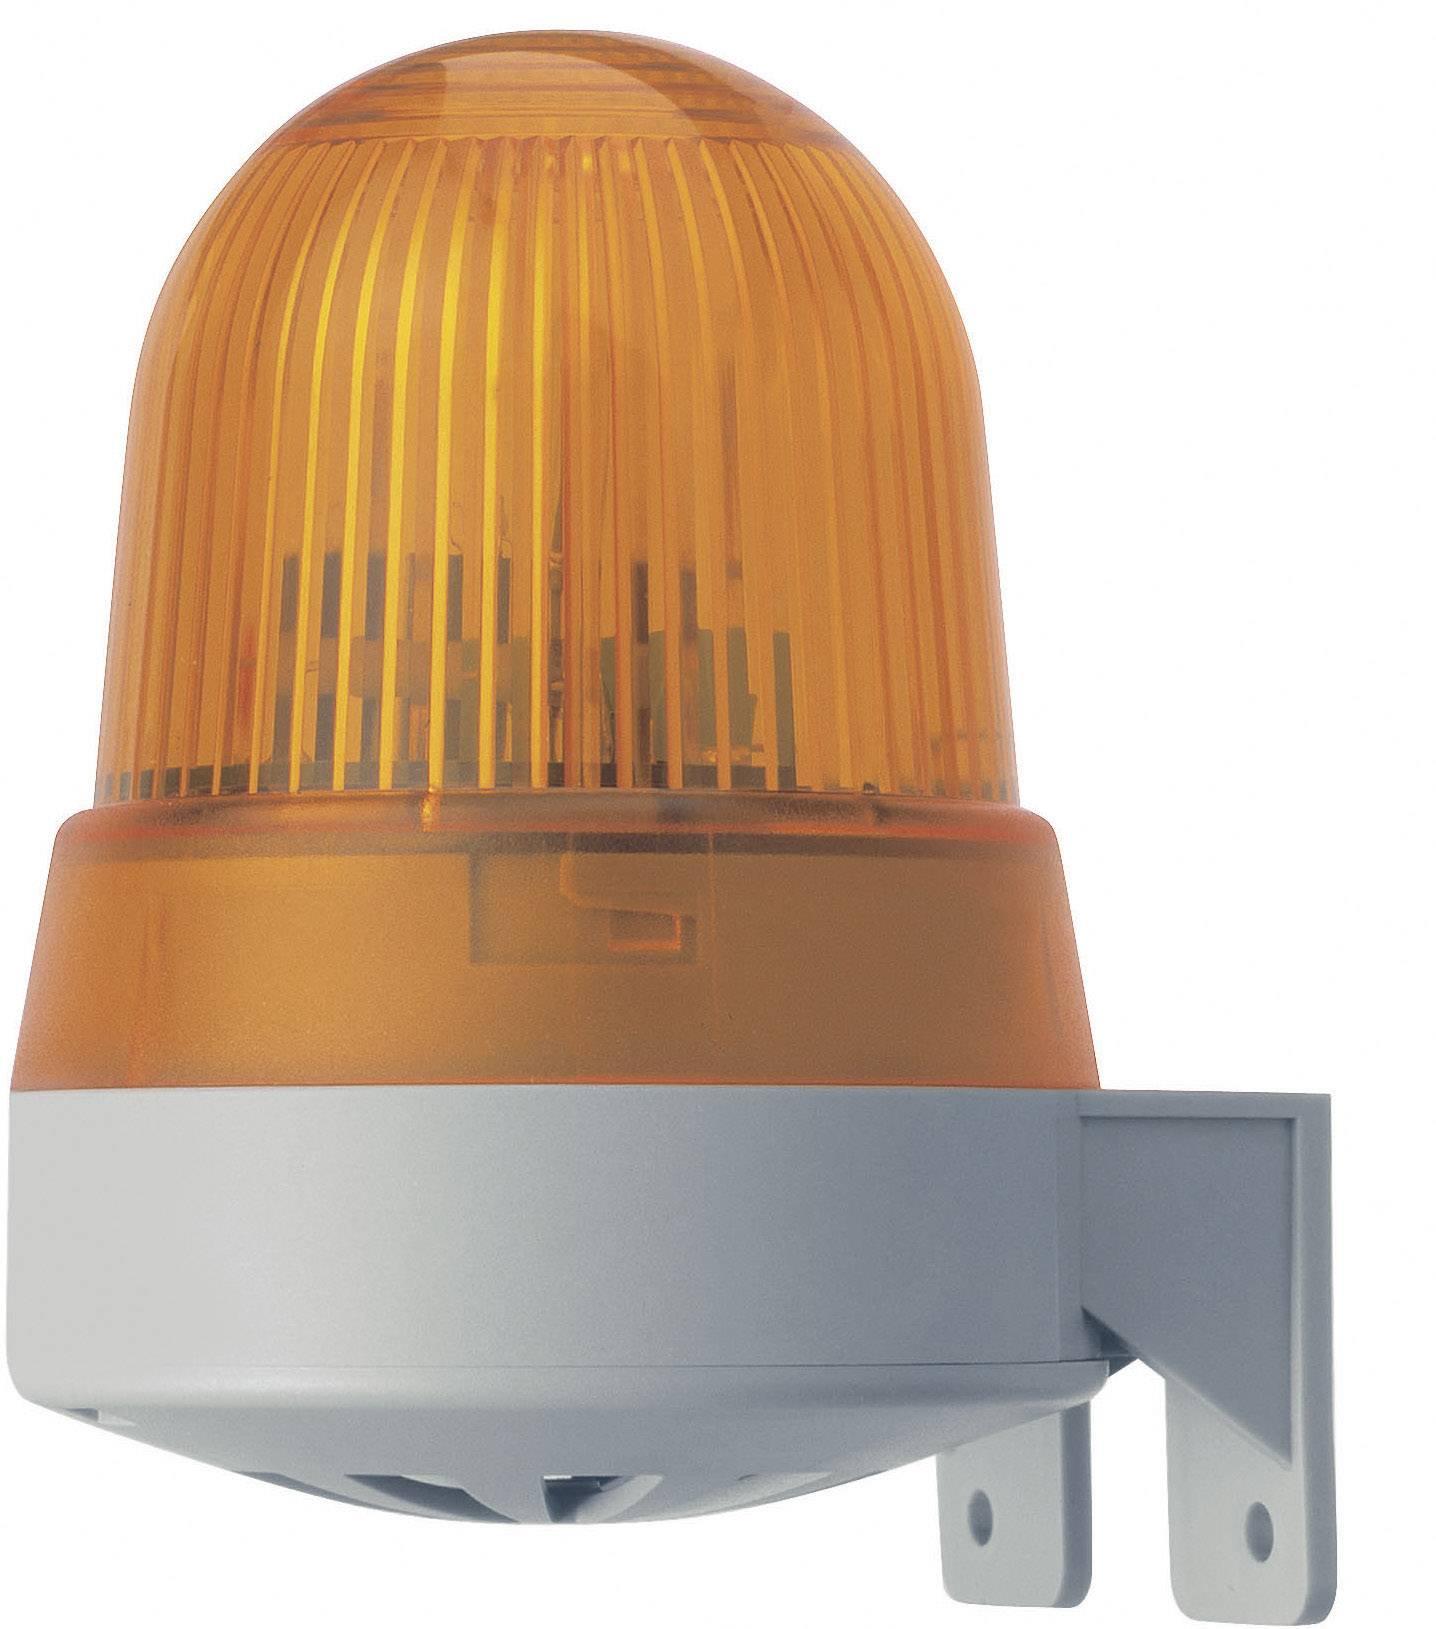 Signalizačný bzučiak LED Werma Signaltechnik 422.310.68, 92 dB, 230 V/AC, trvalé svetlo, žltá